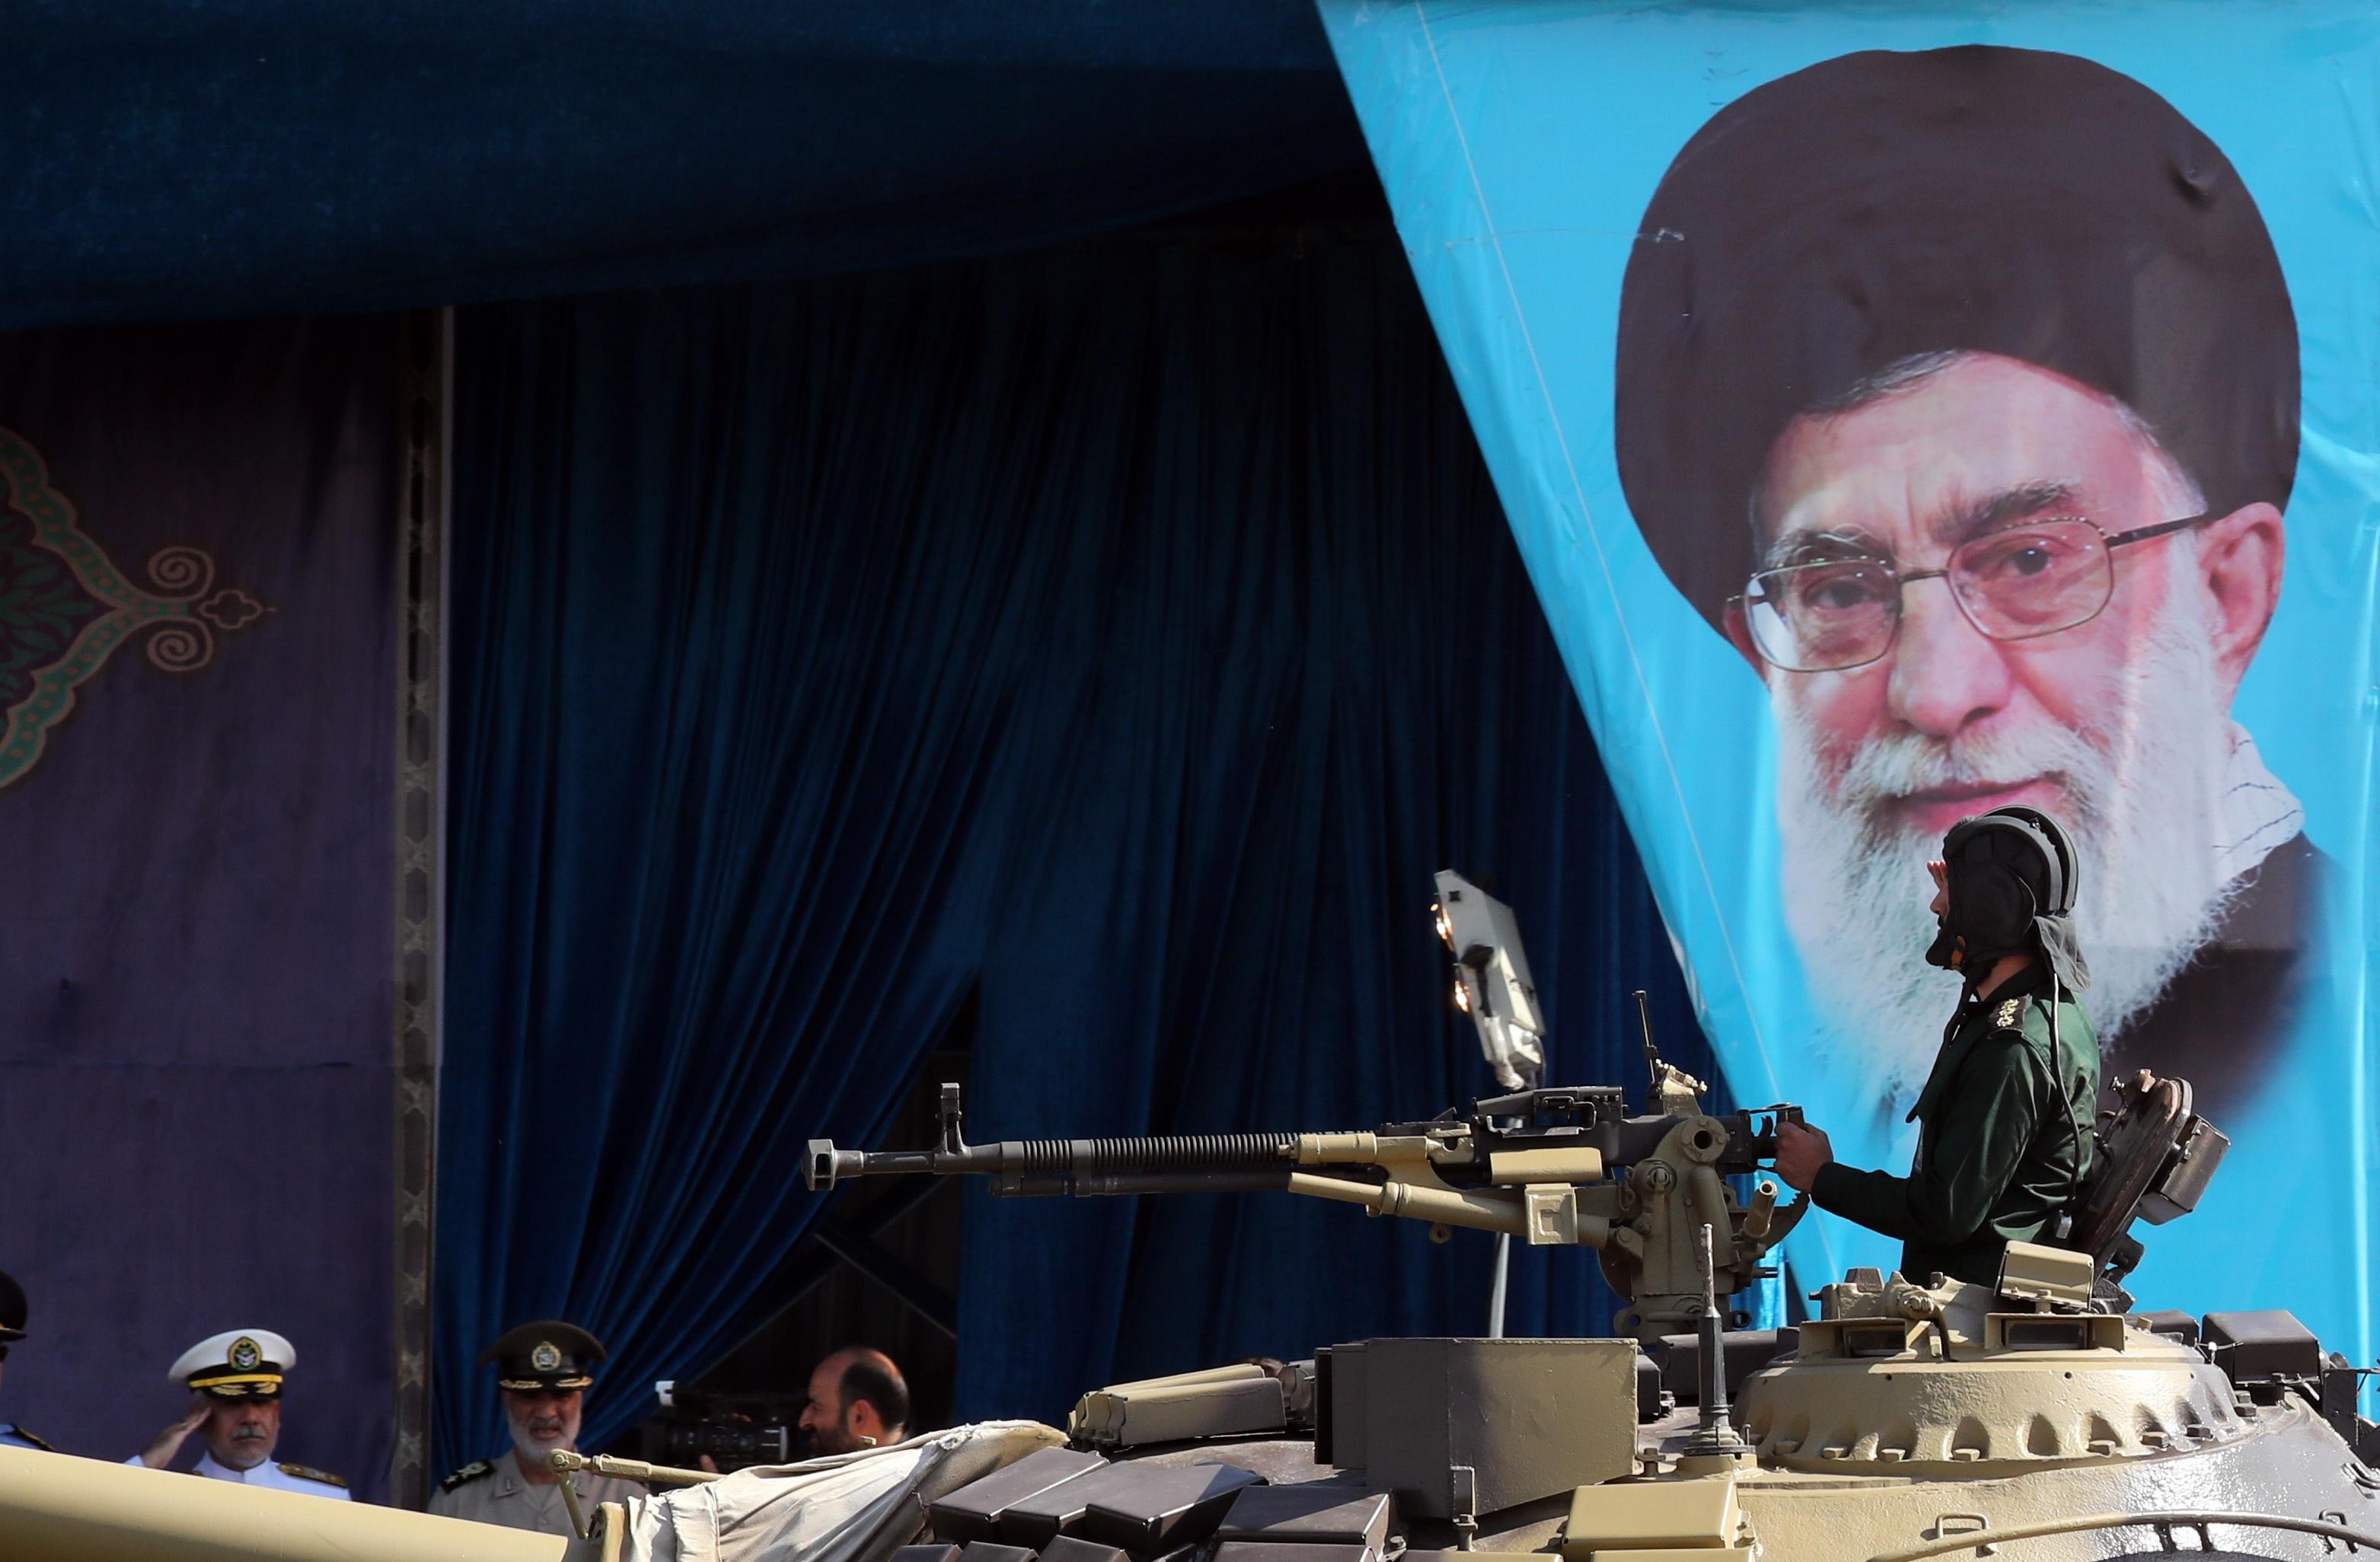 Թրամփի  կոչը բլեֆ է.եթե ԱՄՆ-ը հարձակվի Իրանի վրա, Իսրայելը կոչնչացվի 30 րոպեում